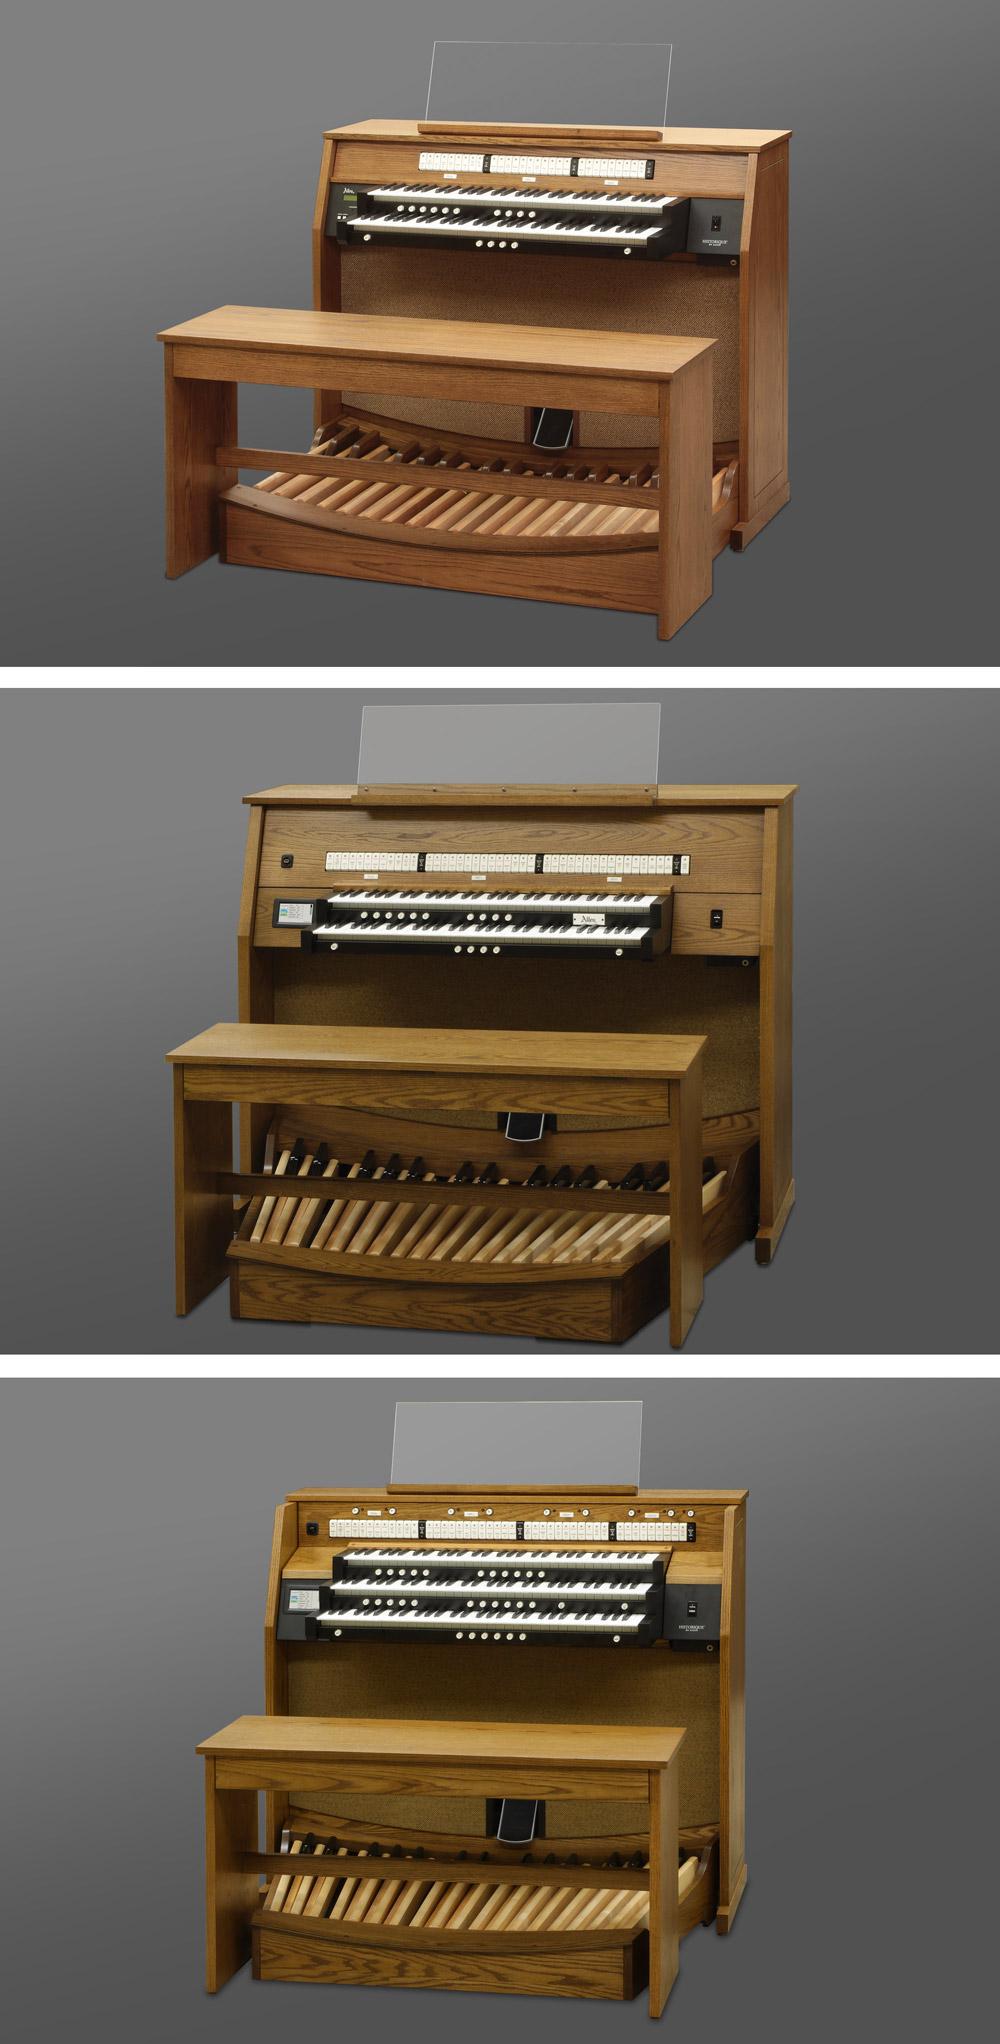 """Organiste professionnel ou amateur ? Profitez de notre offre exclusive """"orgue d'étude"""" !"""